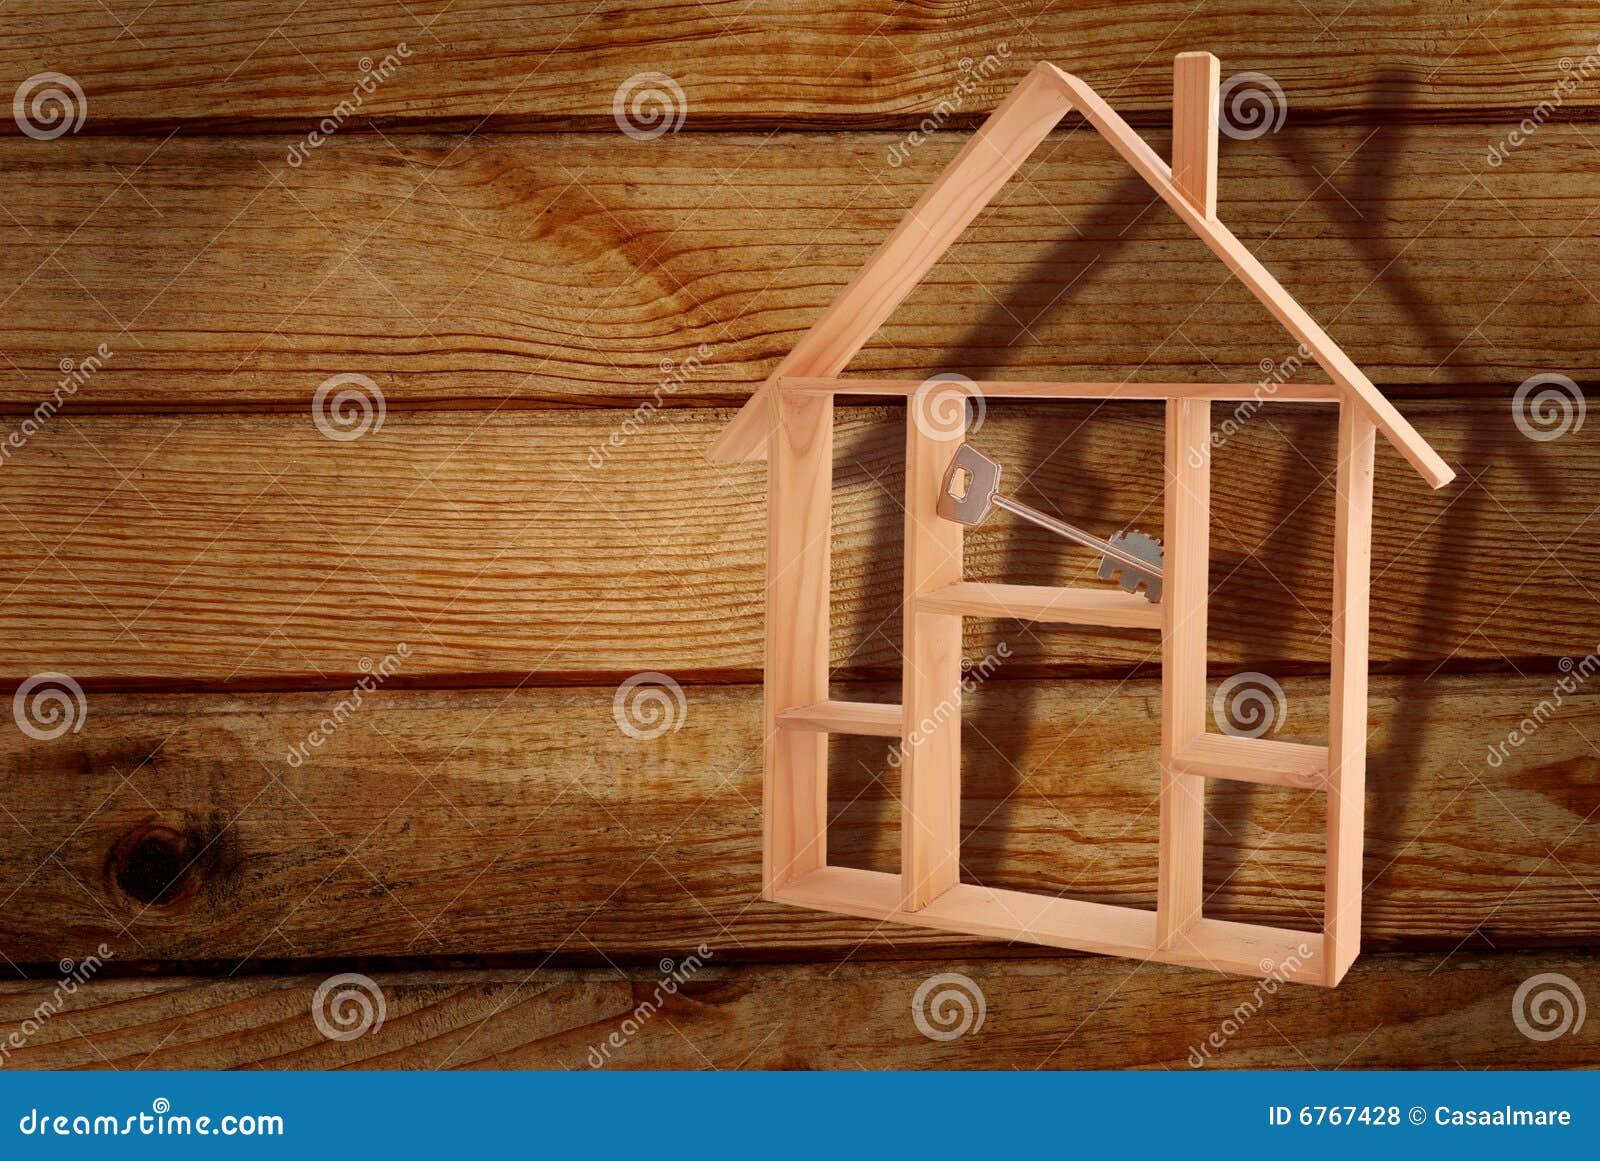 Casa del bene immobile